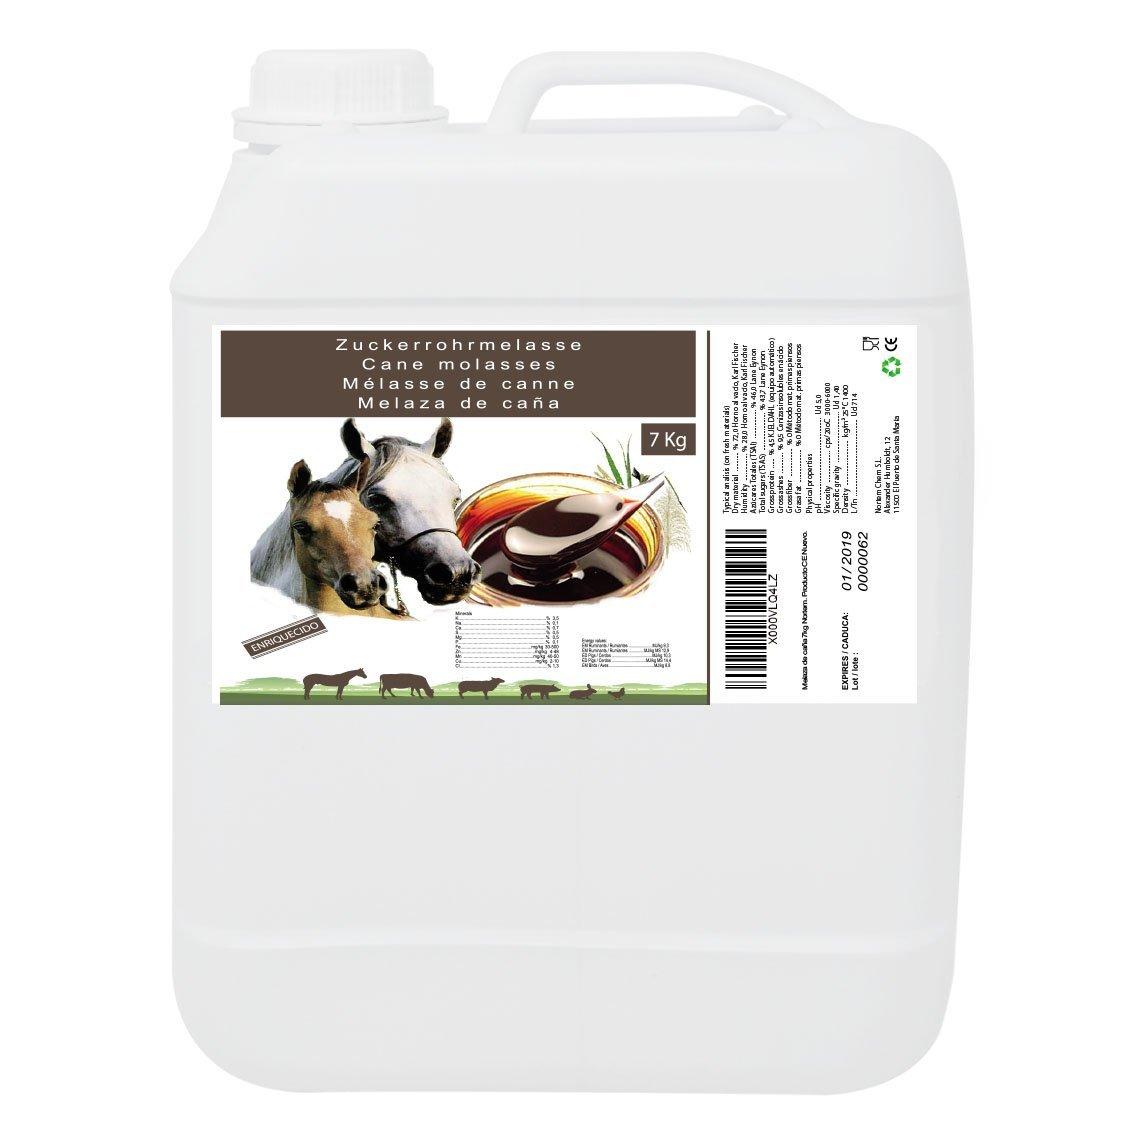 Mélasse de Canne 7 kg, Complément de Haute Valeur Énergétique, Usage Animale, Recommandé pour Les Chevaux. Produit CE. Nortem Biotechnology